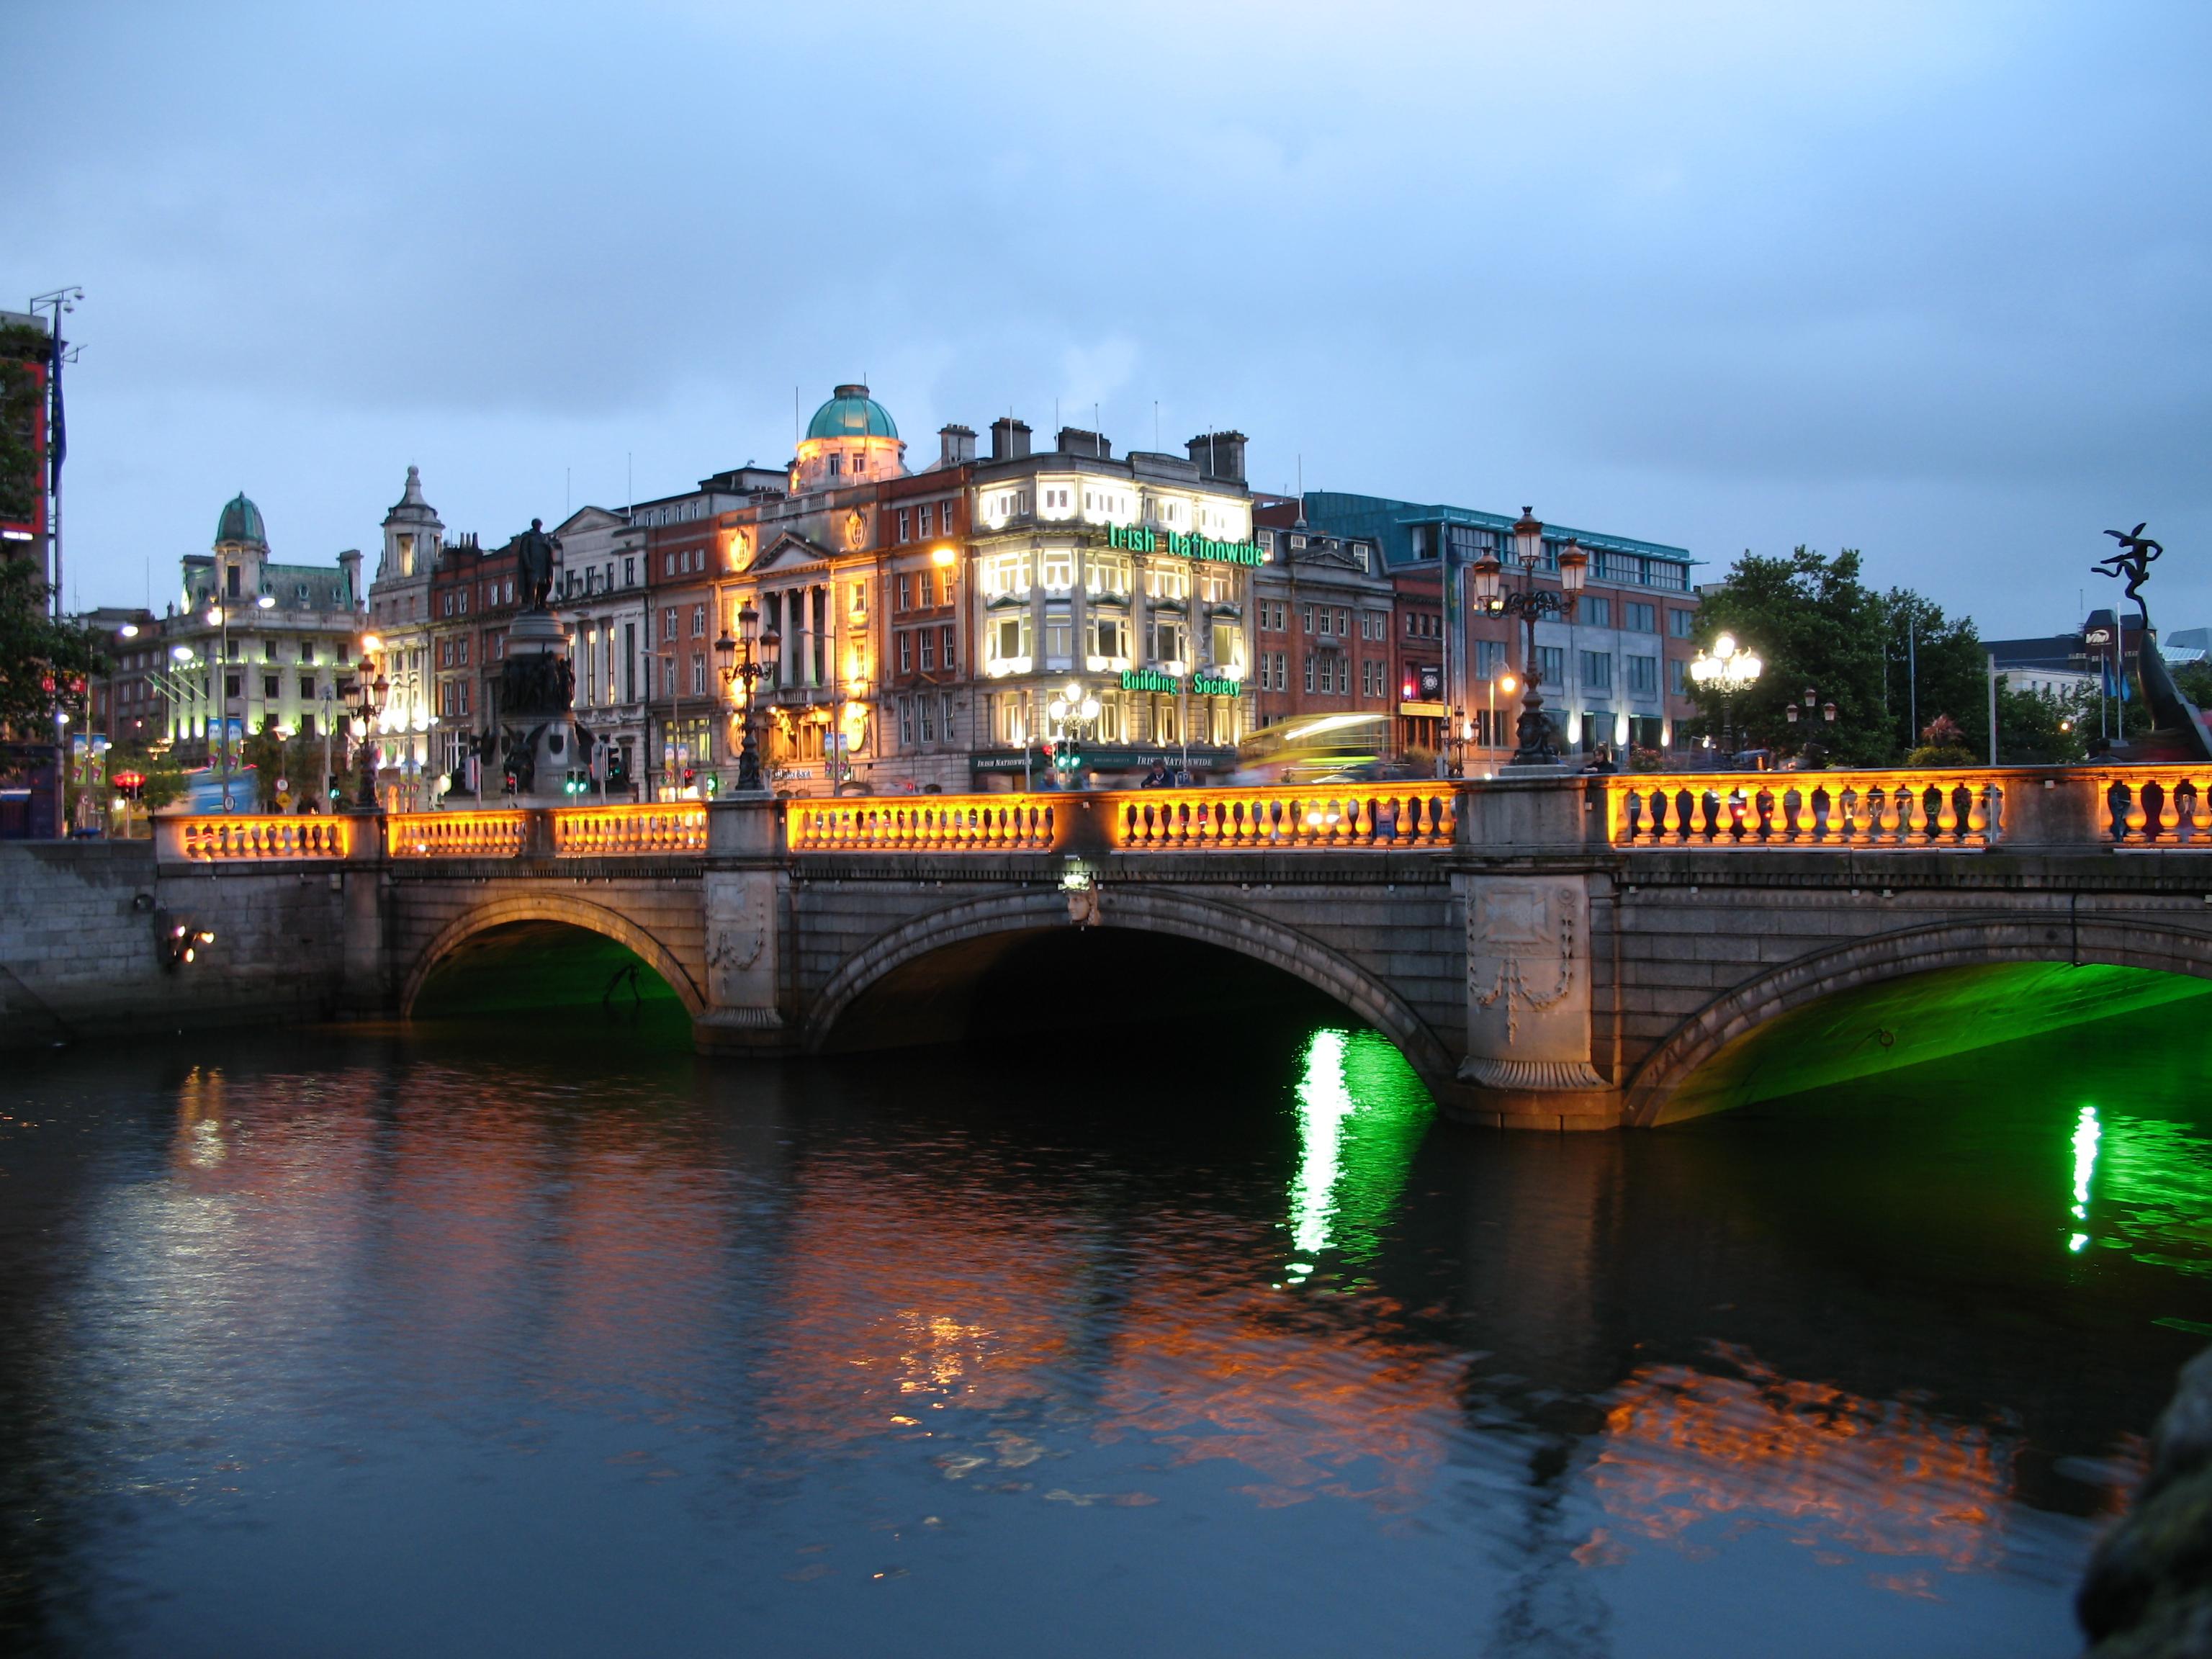 Dublin Ireland At Night Wallpaper 3072 x 2304 Wallpaper 3072x2304